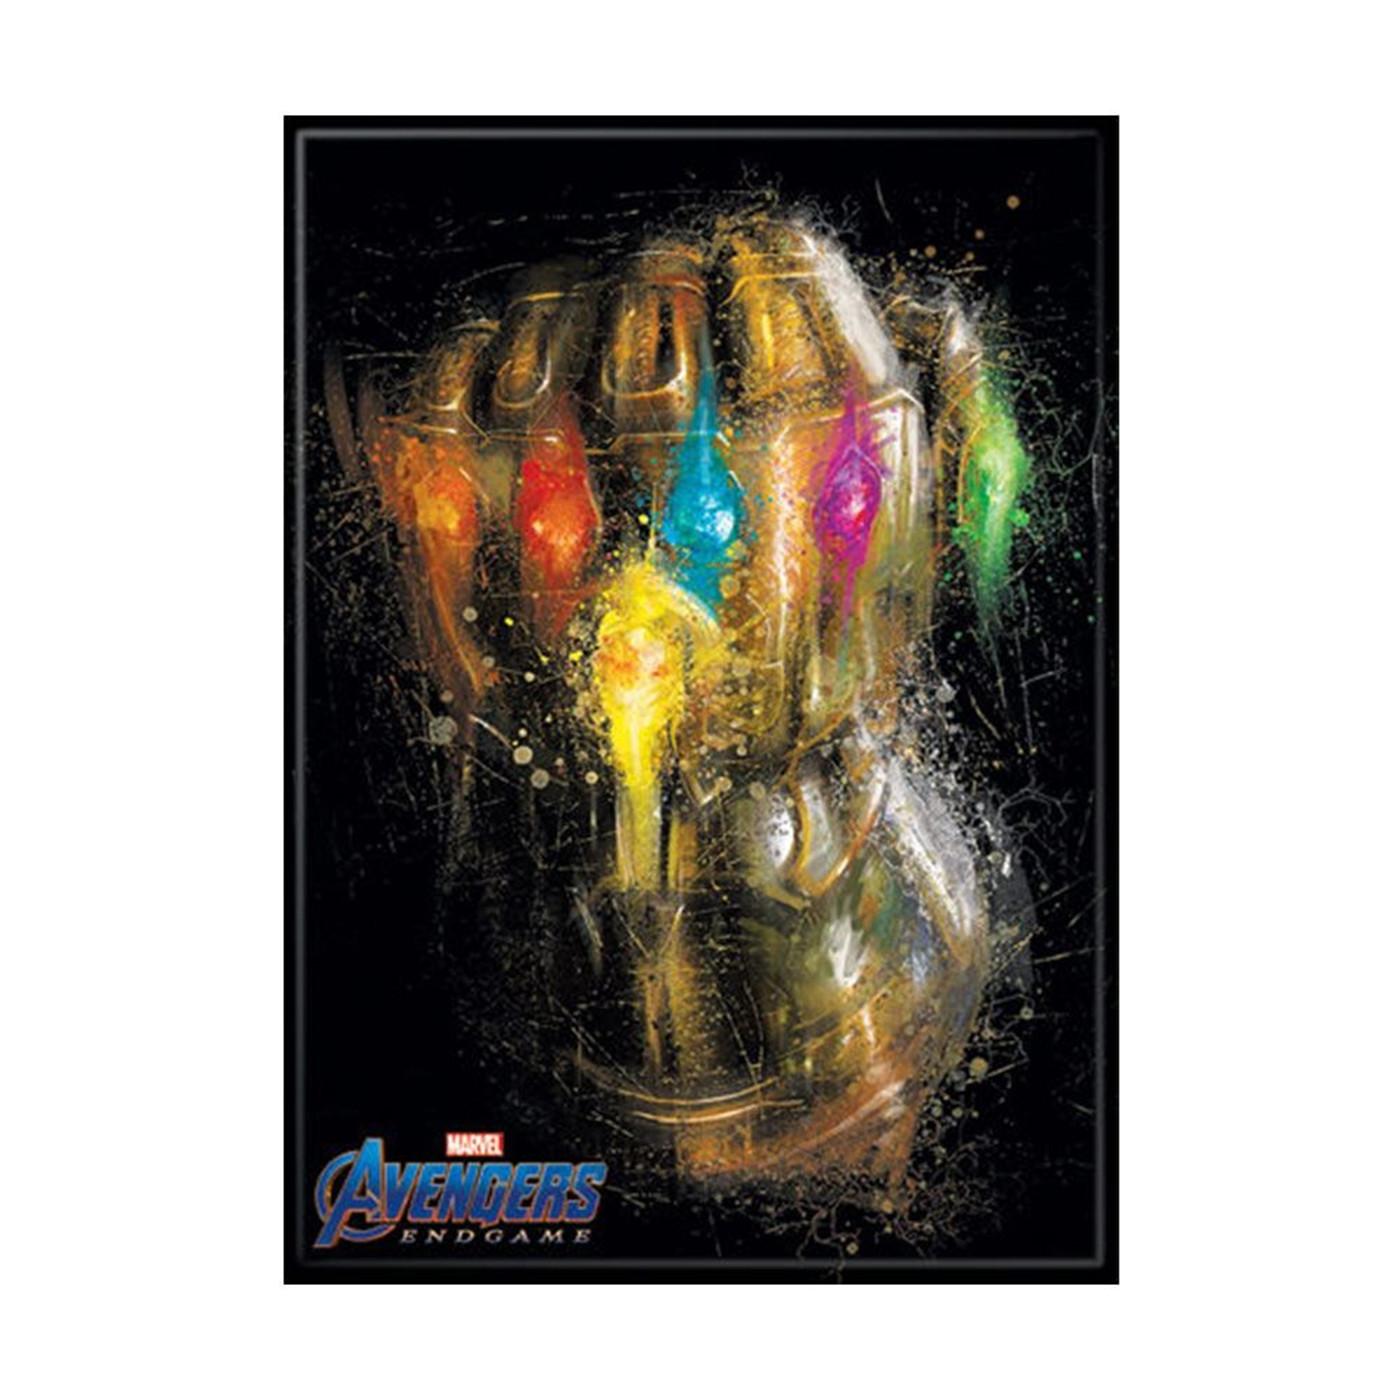 Avengers Endgame Infinity Gauntlet Magnet